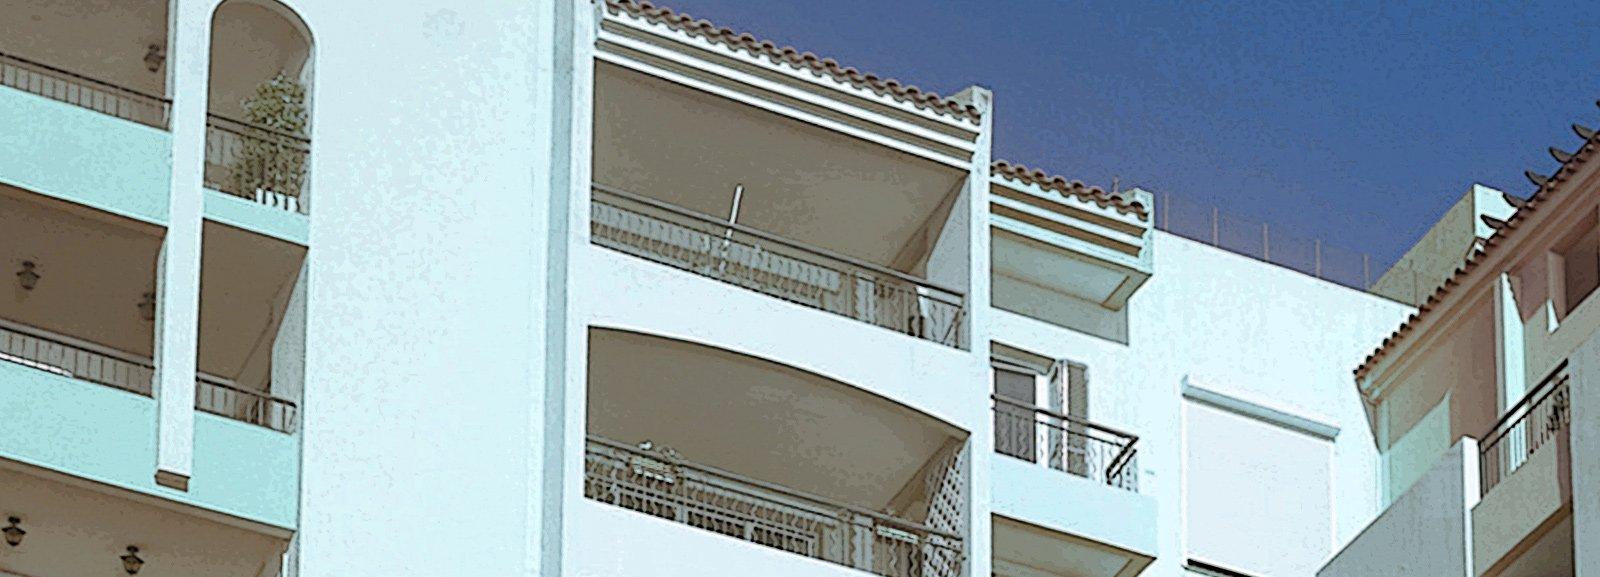 Si pu fare un ampliamento di un appartamento in for Esperto risponde